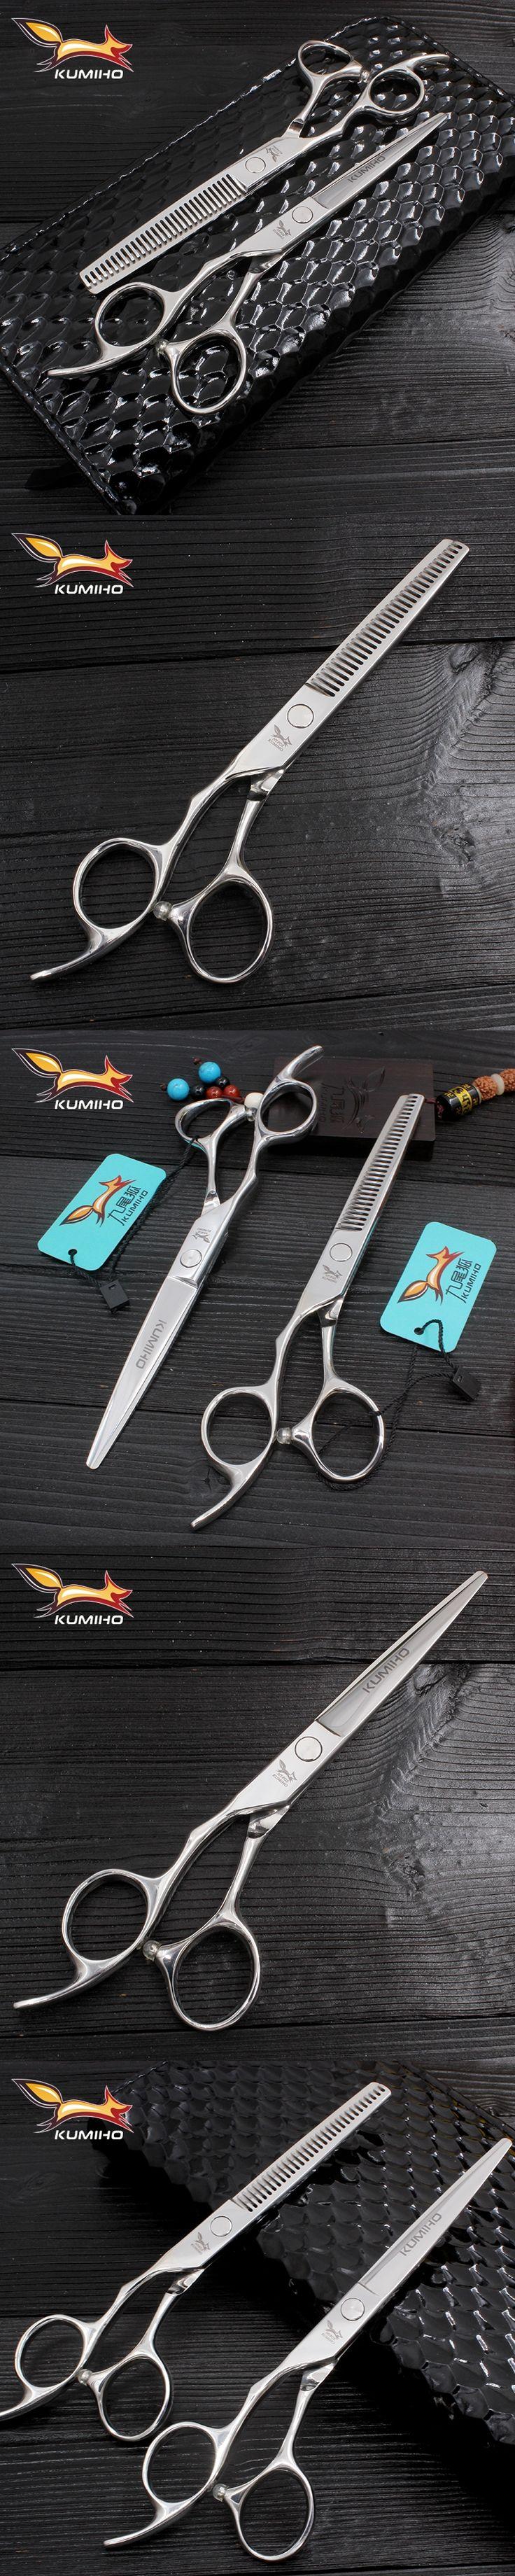 KUMIHO 6 inch left handed hairdressing scissors left hand hair scissors for lefty shears barber thinning scissors haircut set